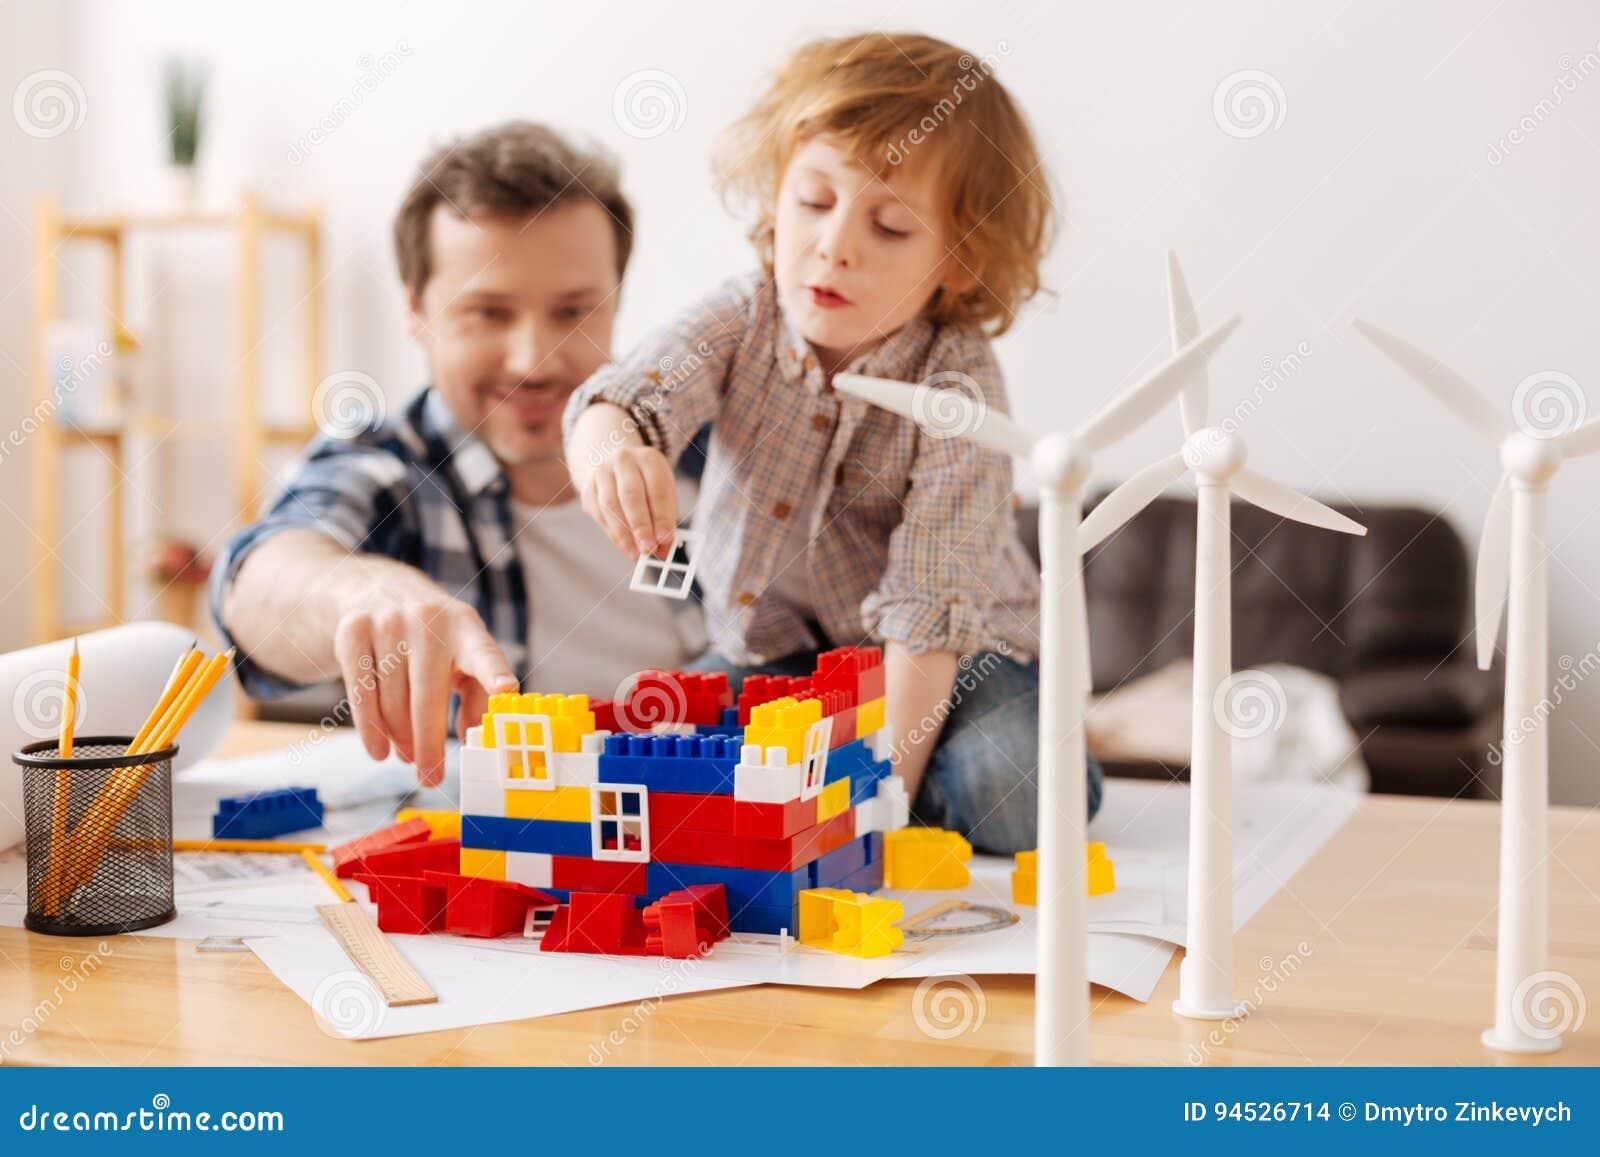 Ευχαριστημένος πατέρας που προτείνει στο γιο του στο παιχνίδι